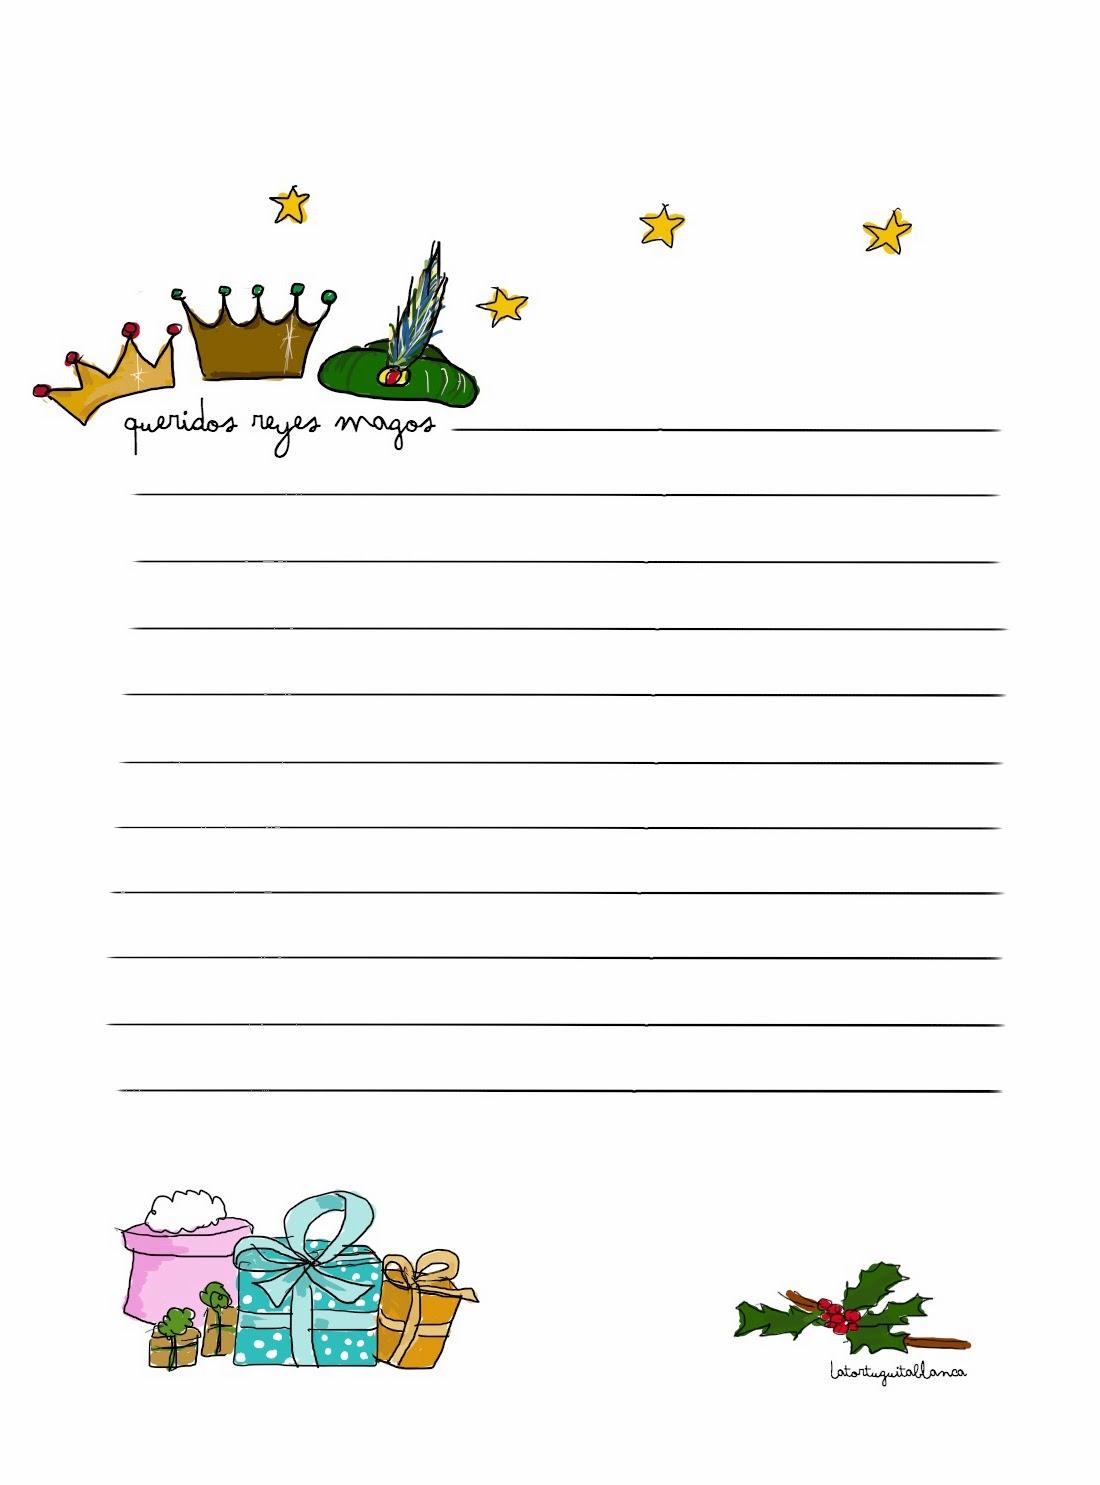 BEPUNT: La carta a los Reyes Magos